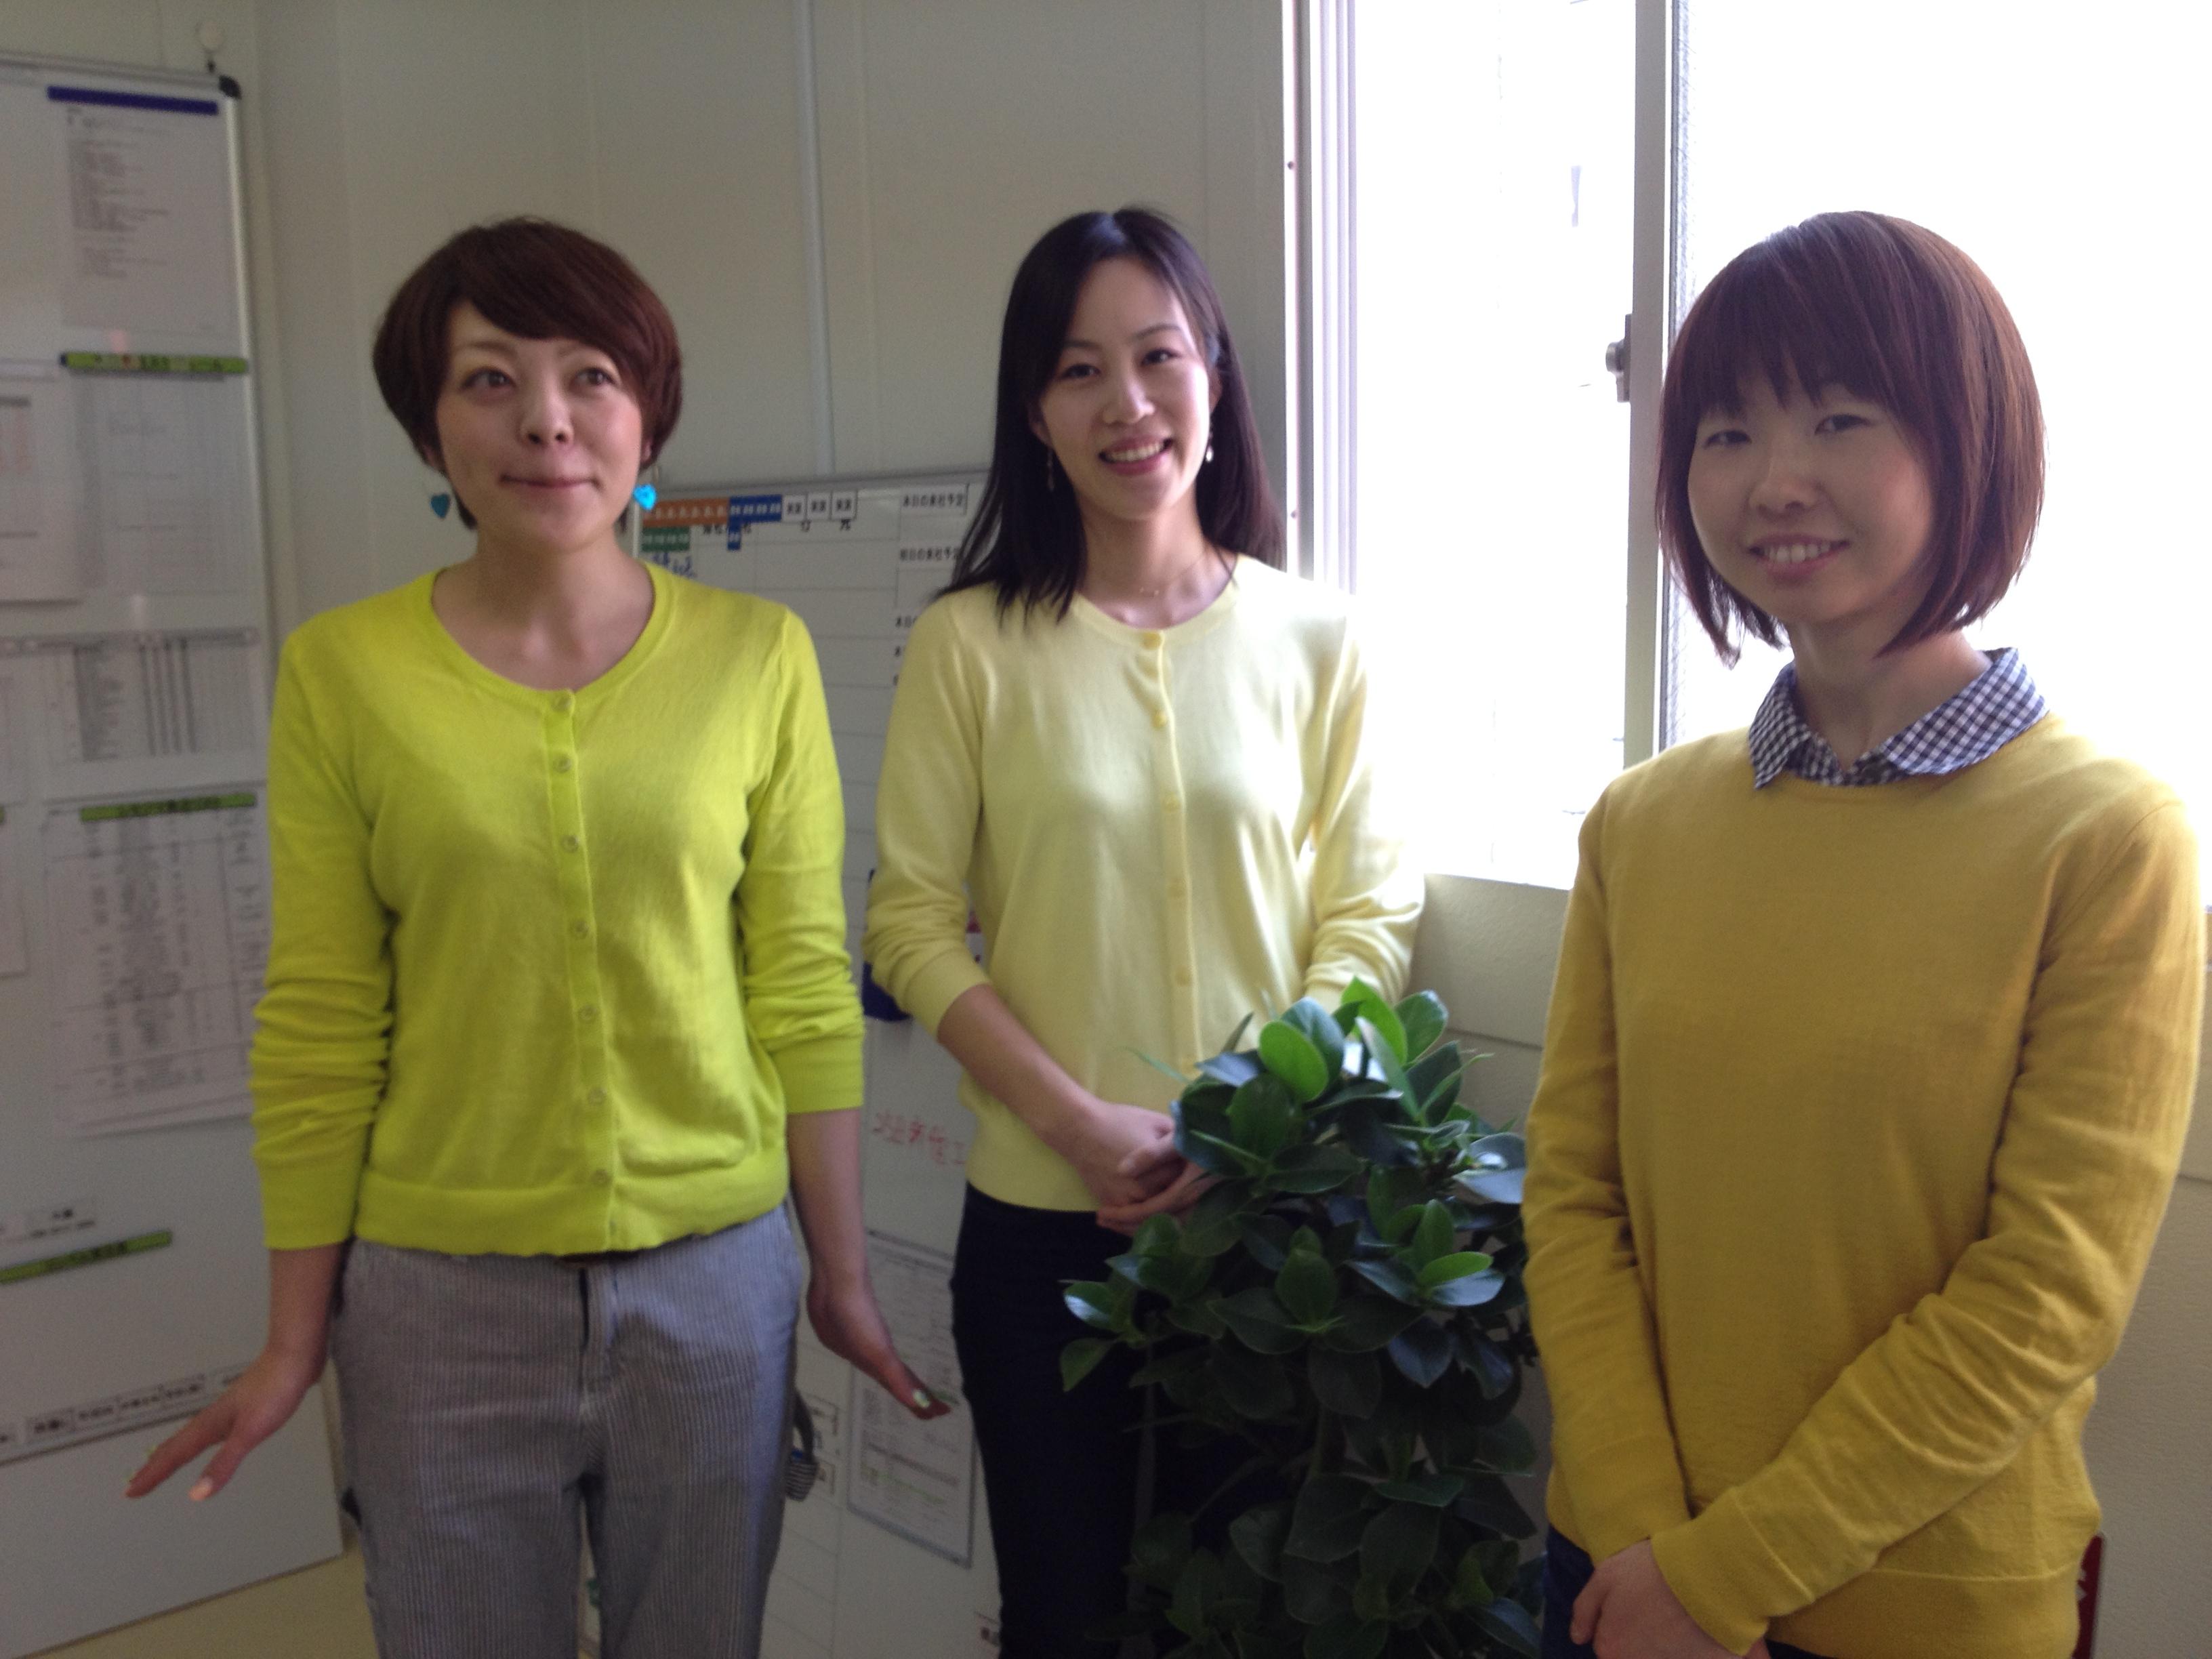 黄色い服お揃い